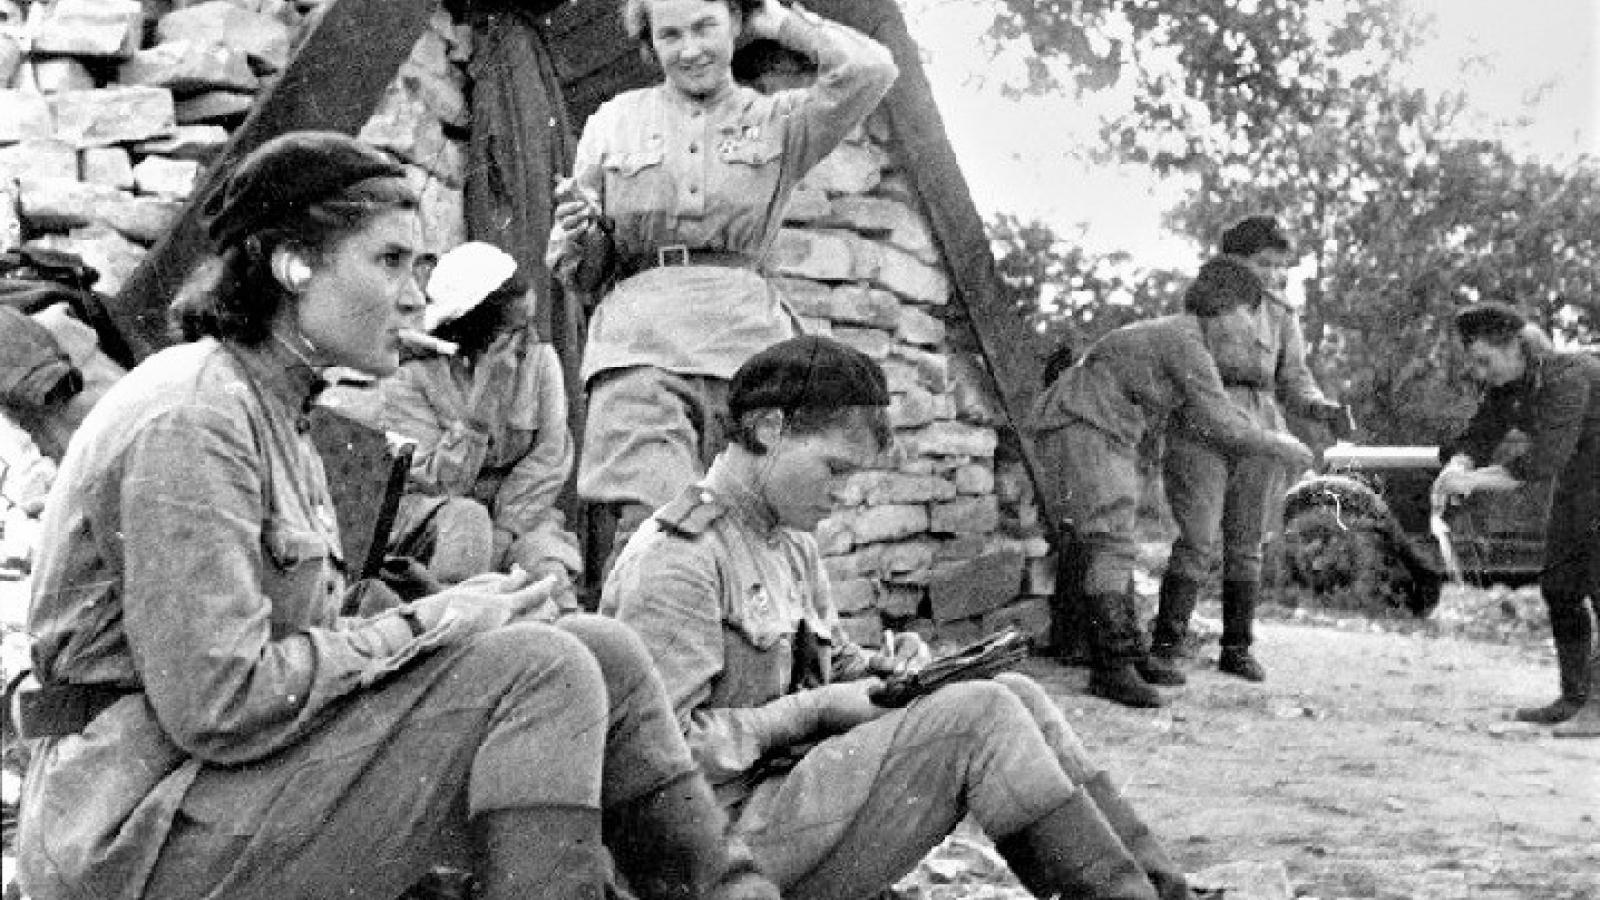 """Những nỗi khổ """"hữu danh, hữu hình"""" của các nữ quân nhân trong Chiến tranh Vệ quốc"""